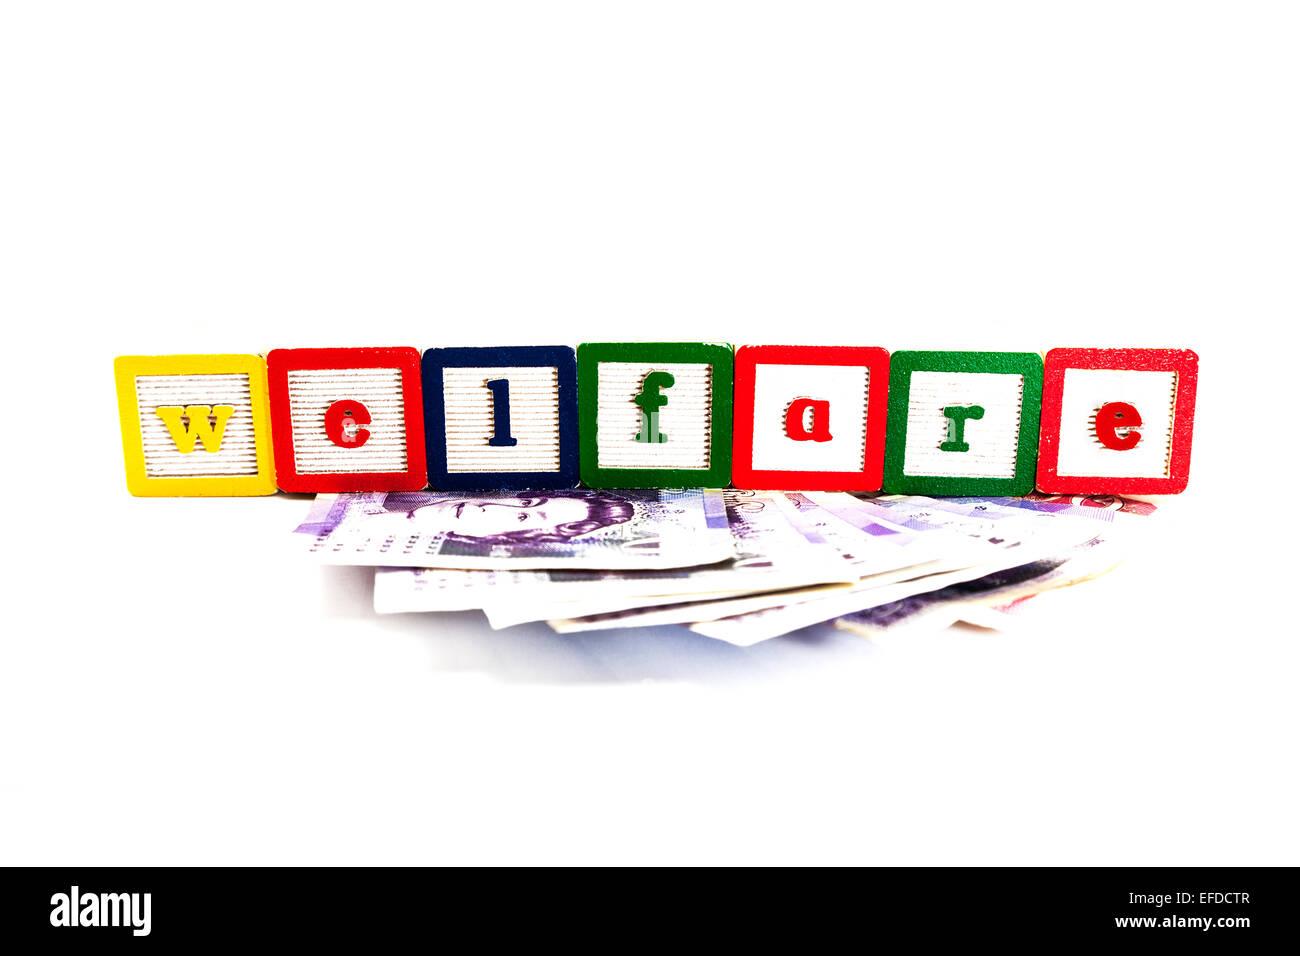 Benessere tagli dei tassi di aumento di spesa rivendicazione di denaro dei fondi del fondo di aiuto in contanti Immagini Stock